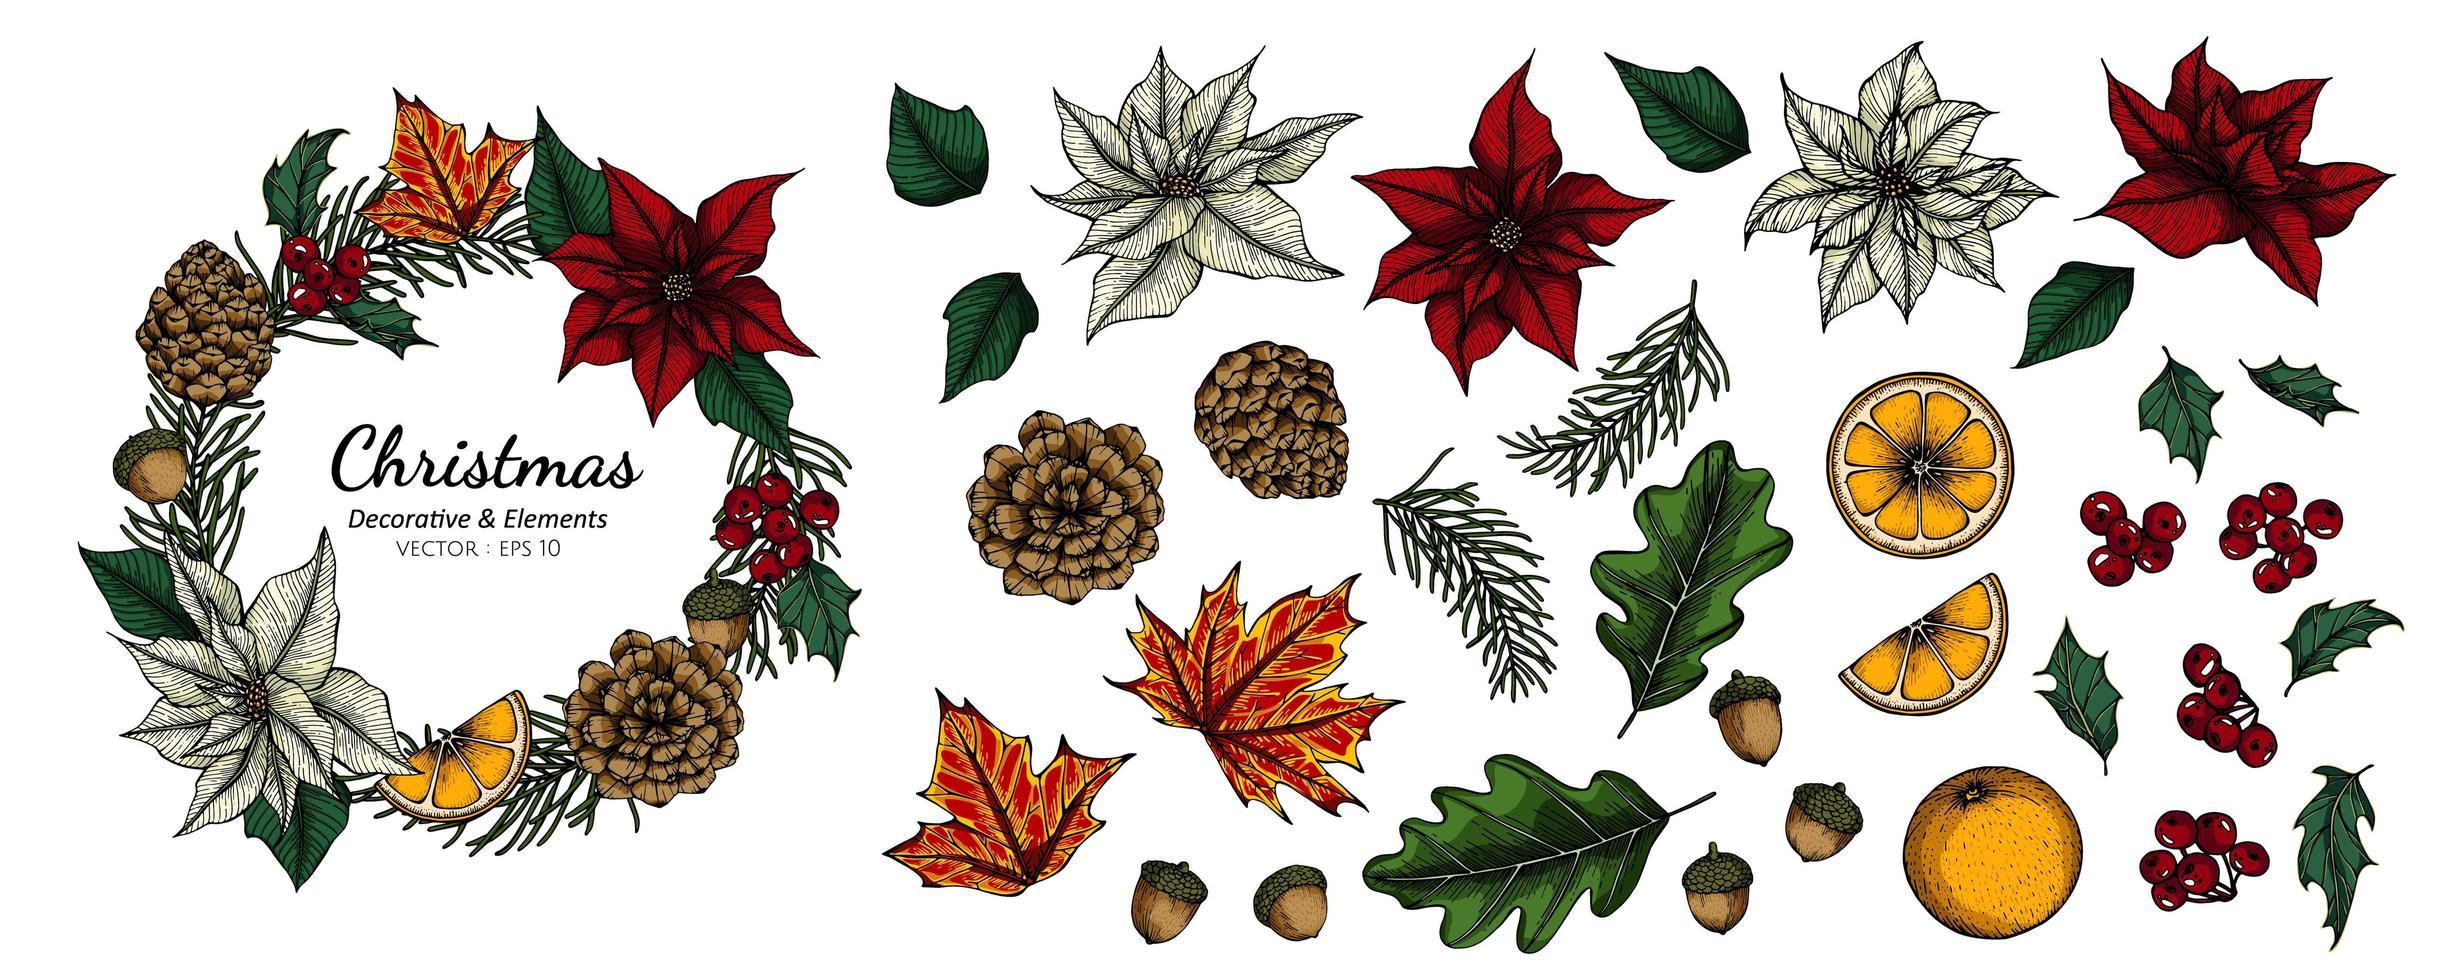 Satz Dekoration Weihnachtsblumen und Blätter vektor